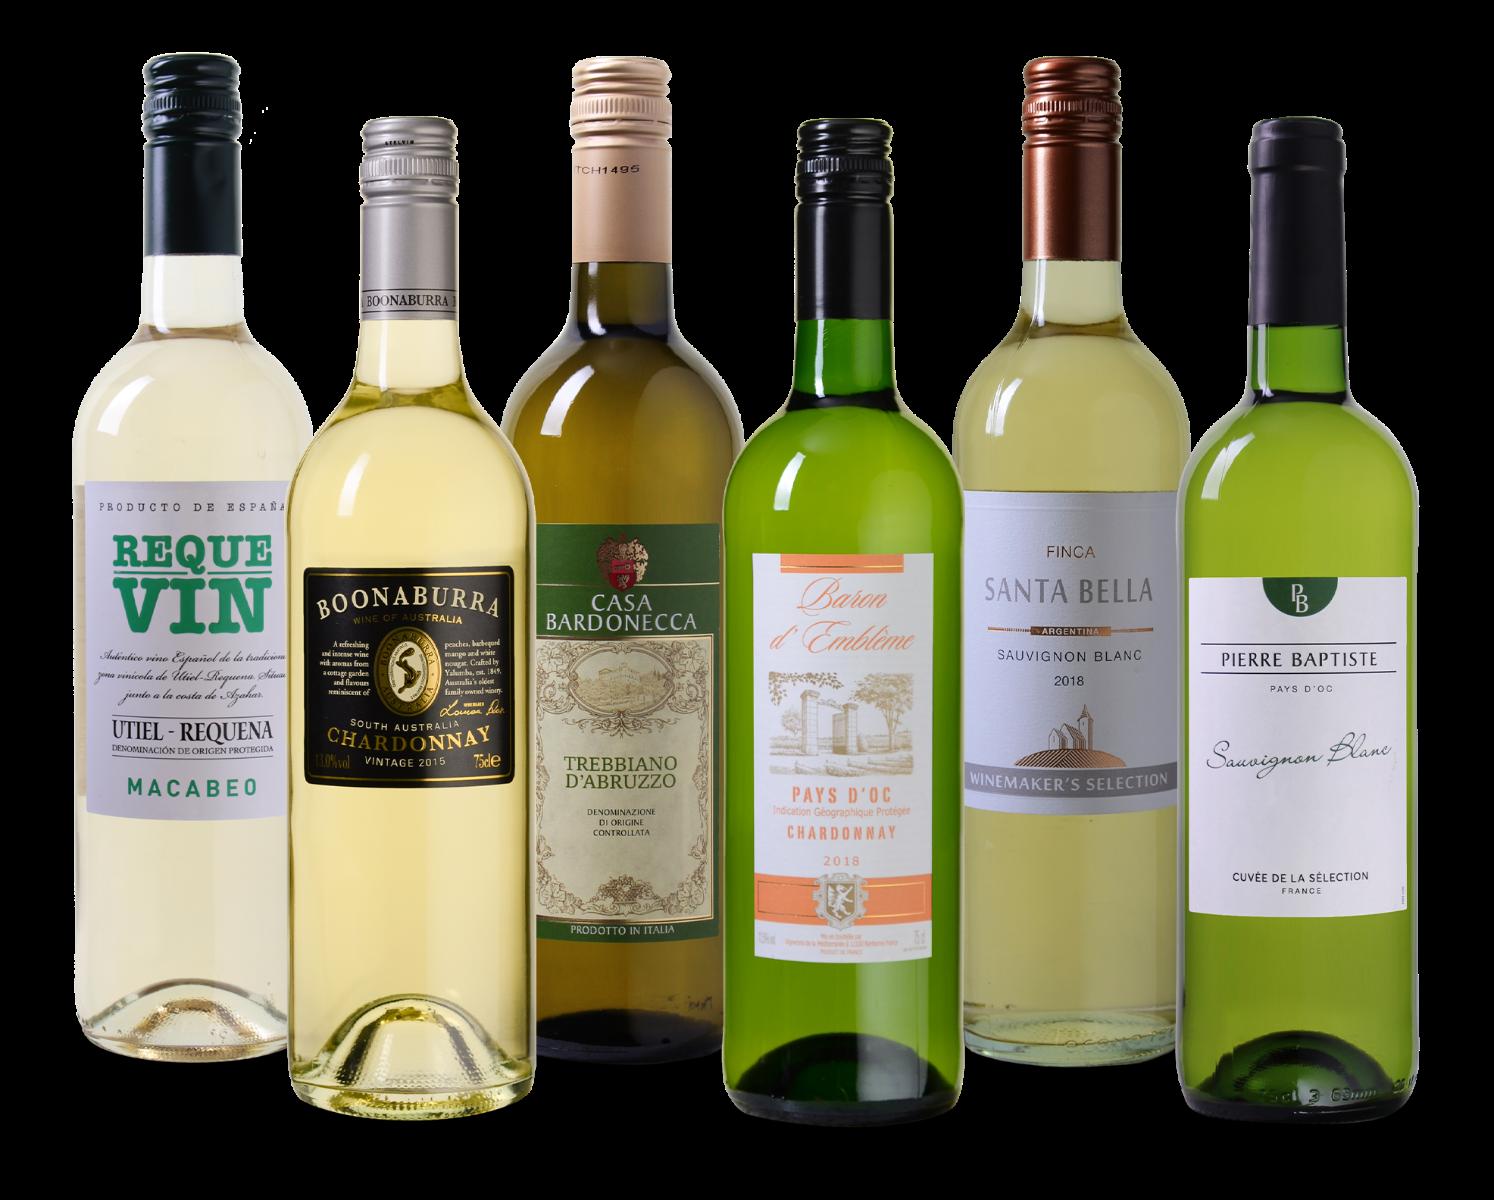 Wijnpakket witte wijn wijnvoordeel.nl